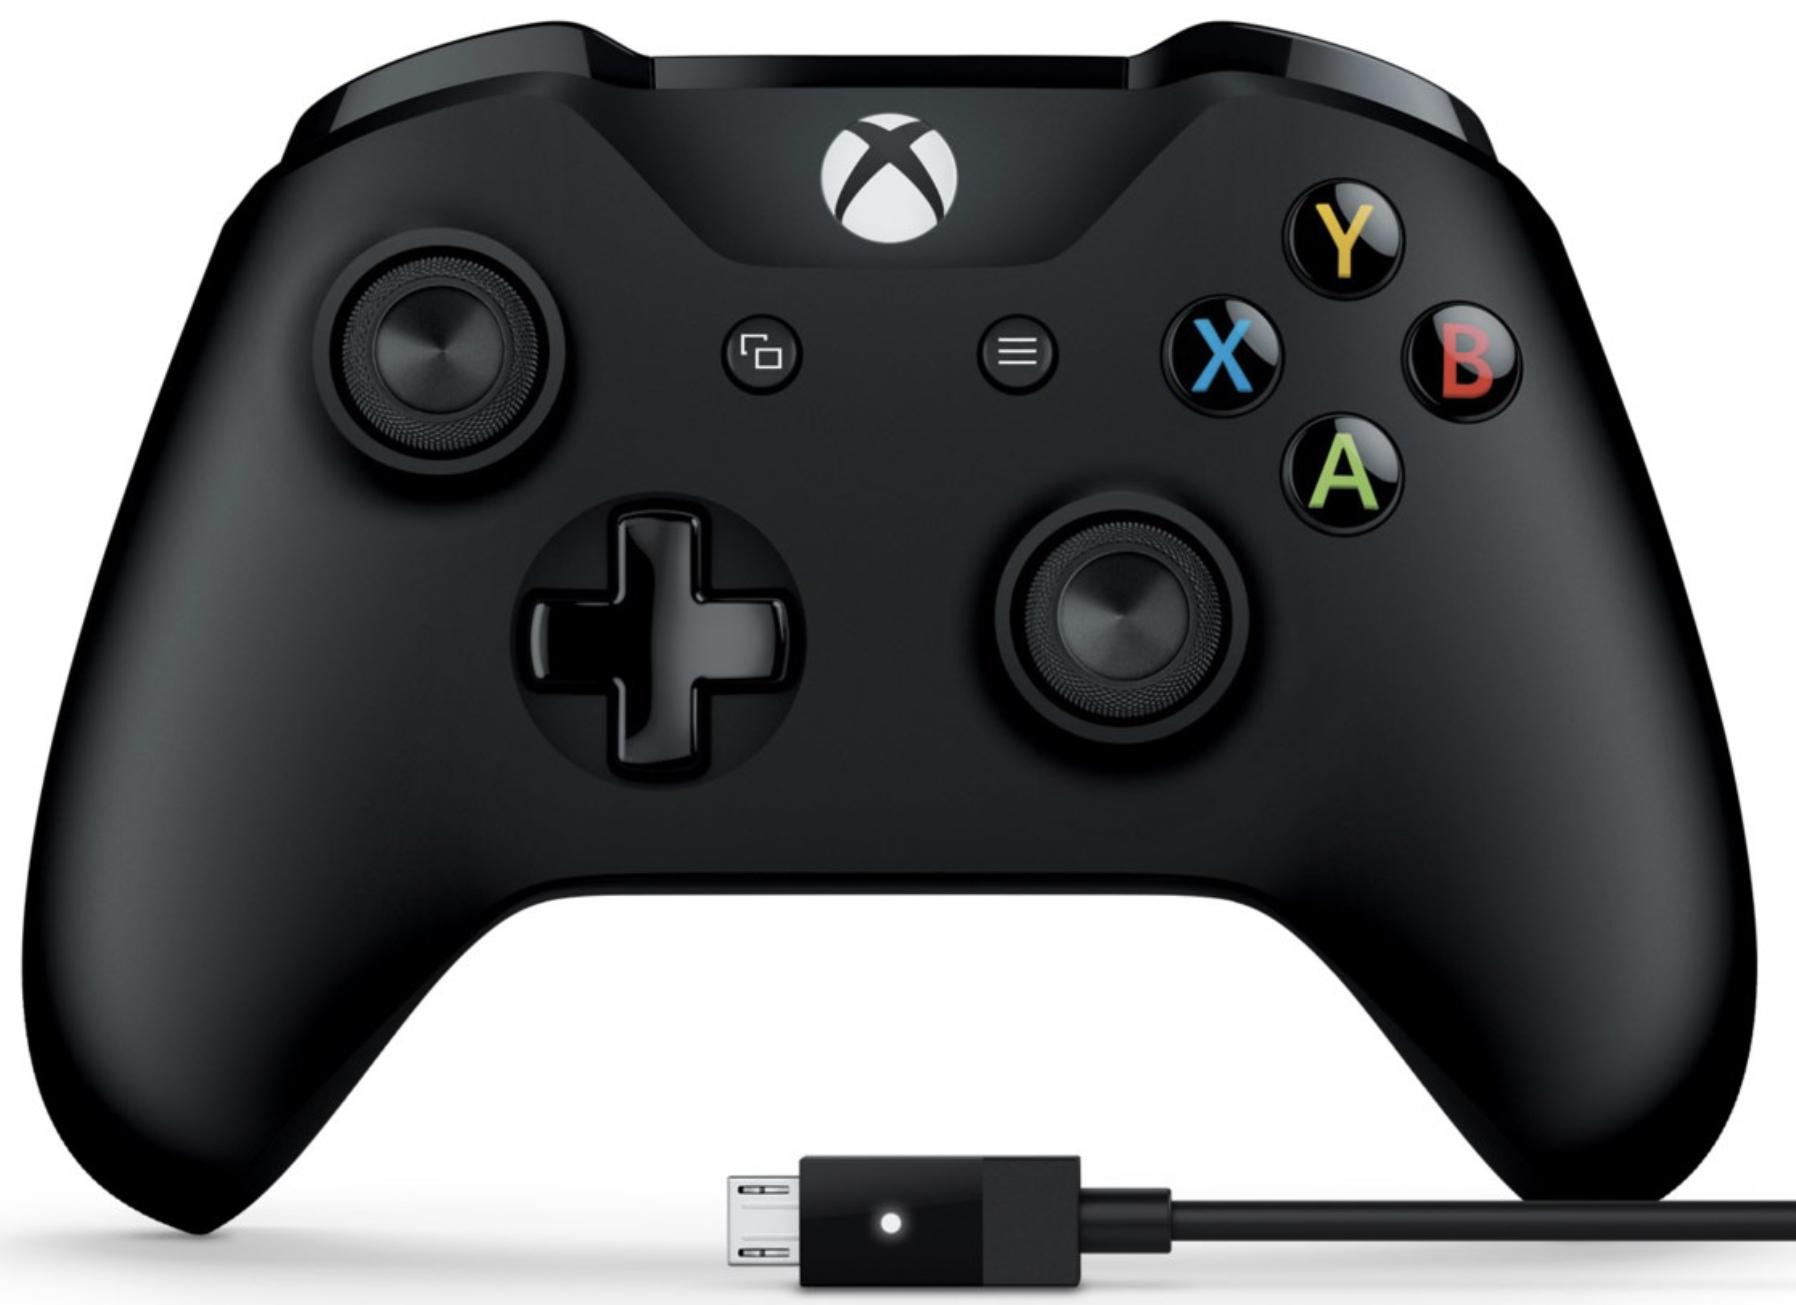 [Abholung] Microsoft Xbox One Wireless Controller + Kabel für Windows für 37,05€ mit Visa [Saturn ebay]